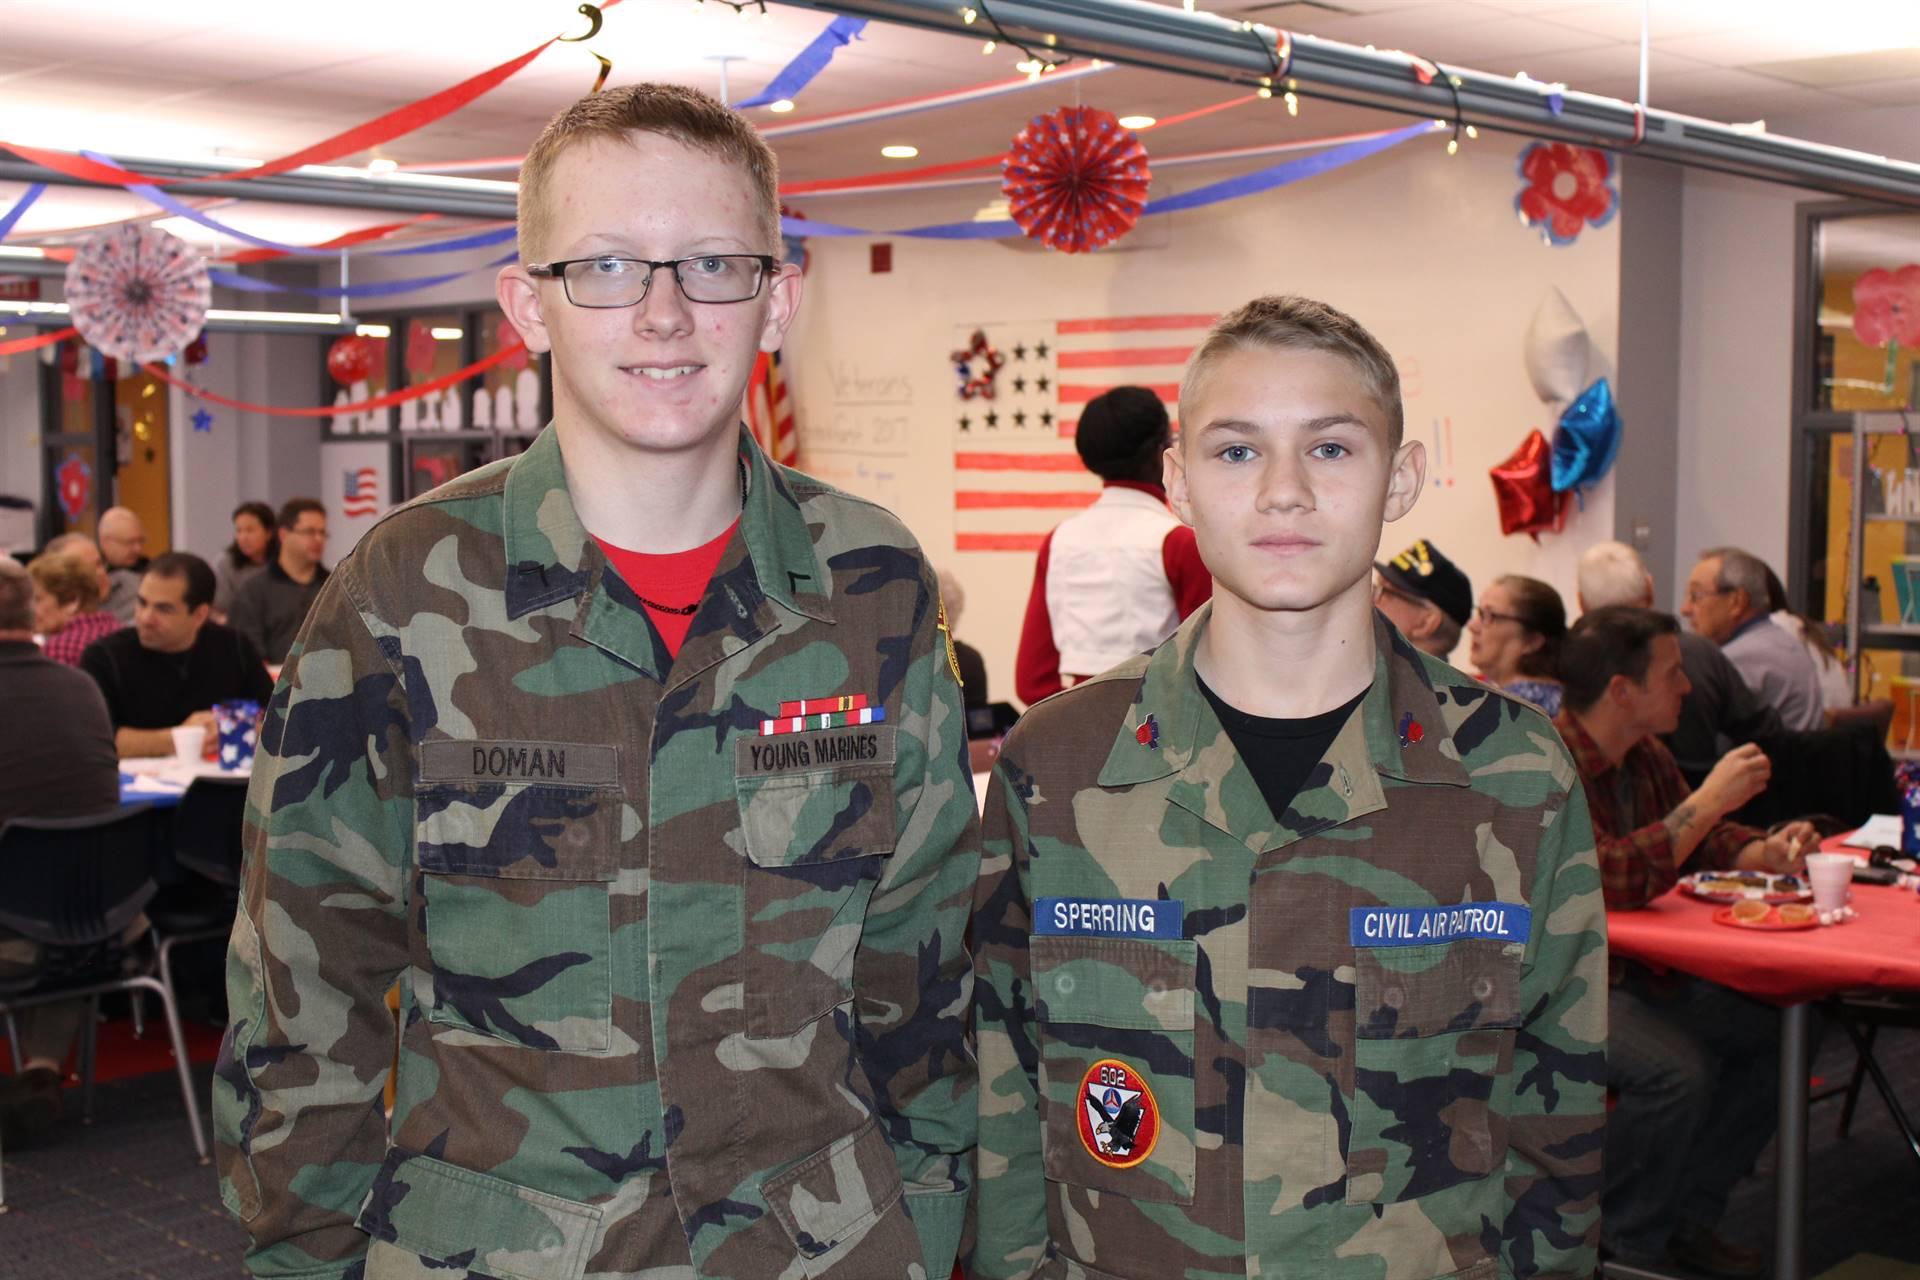 Brock Doman and Elijah Sperling